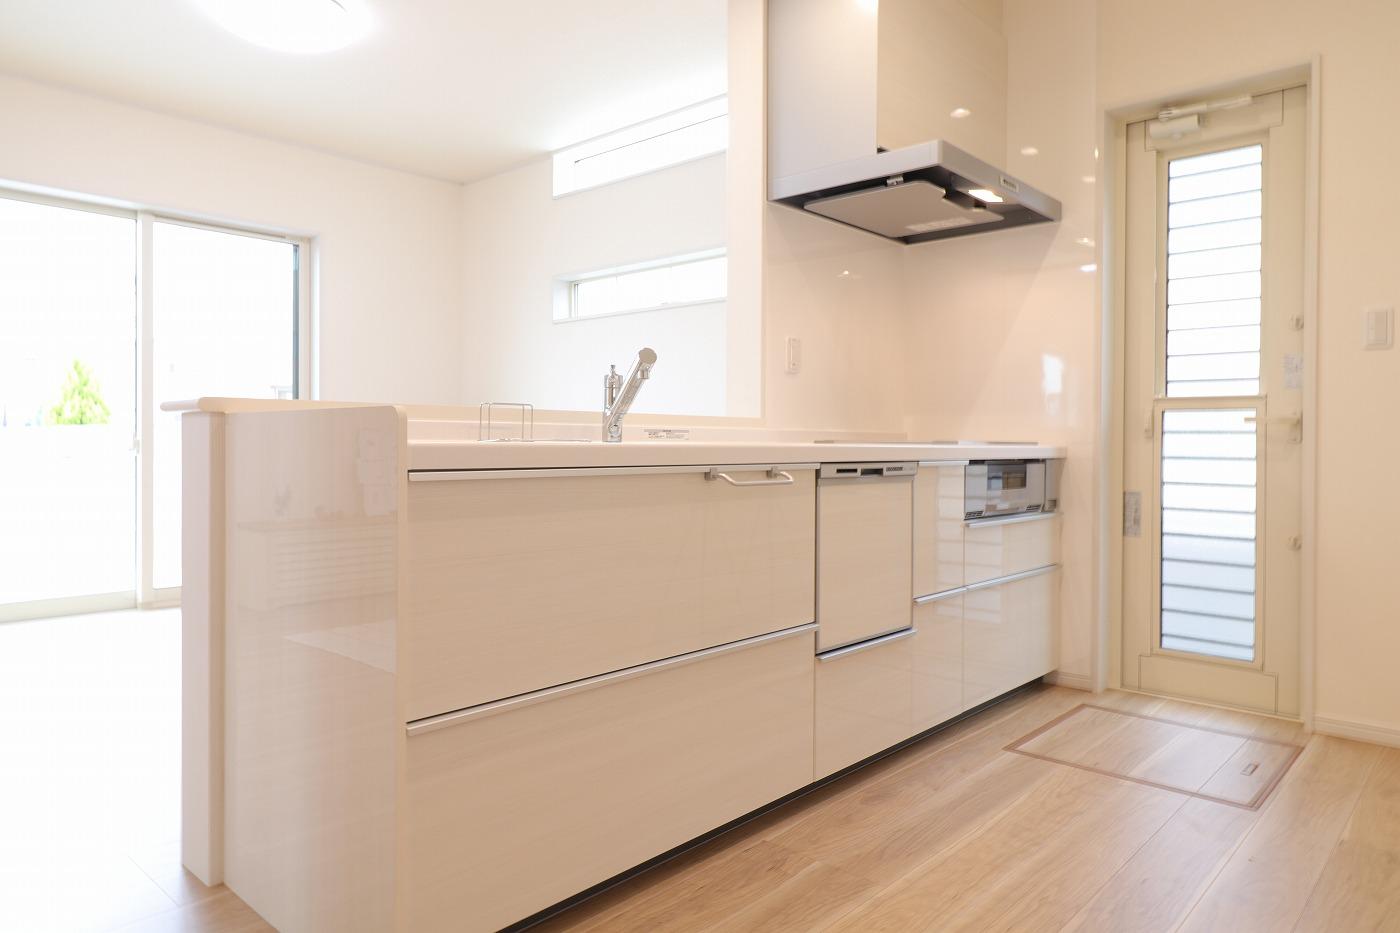 高松市六条町の新築分譲住宅のキッチン